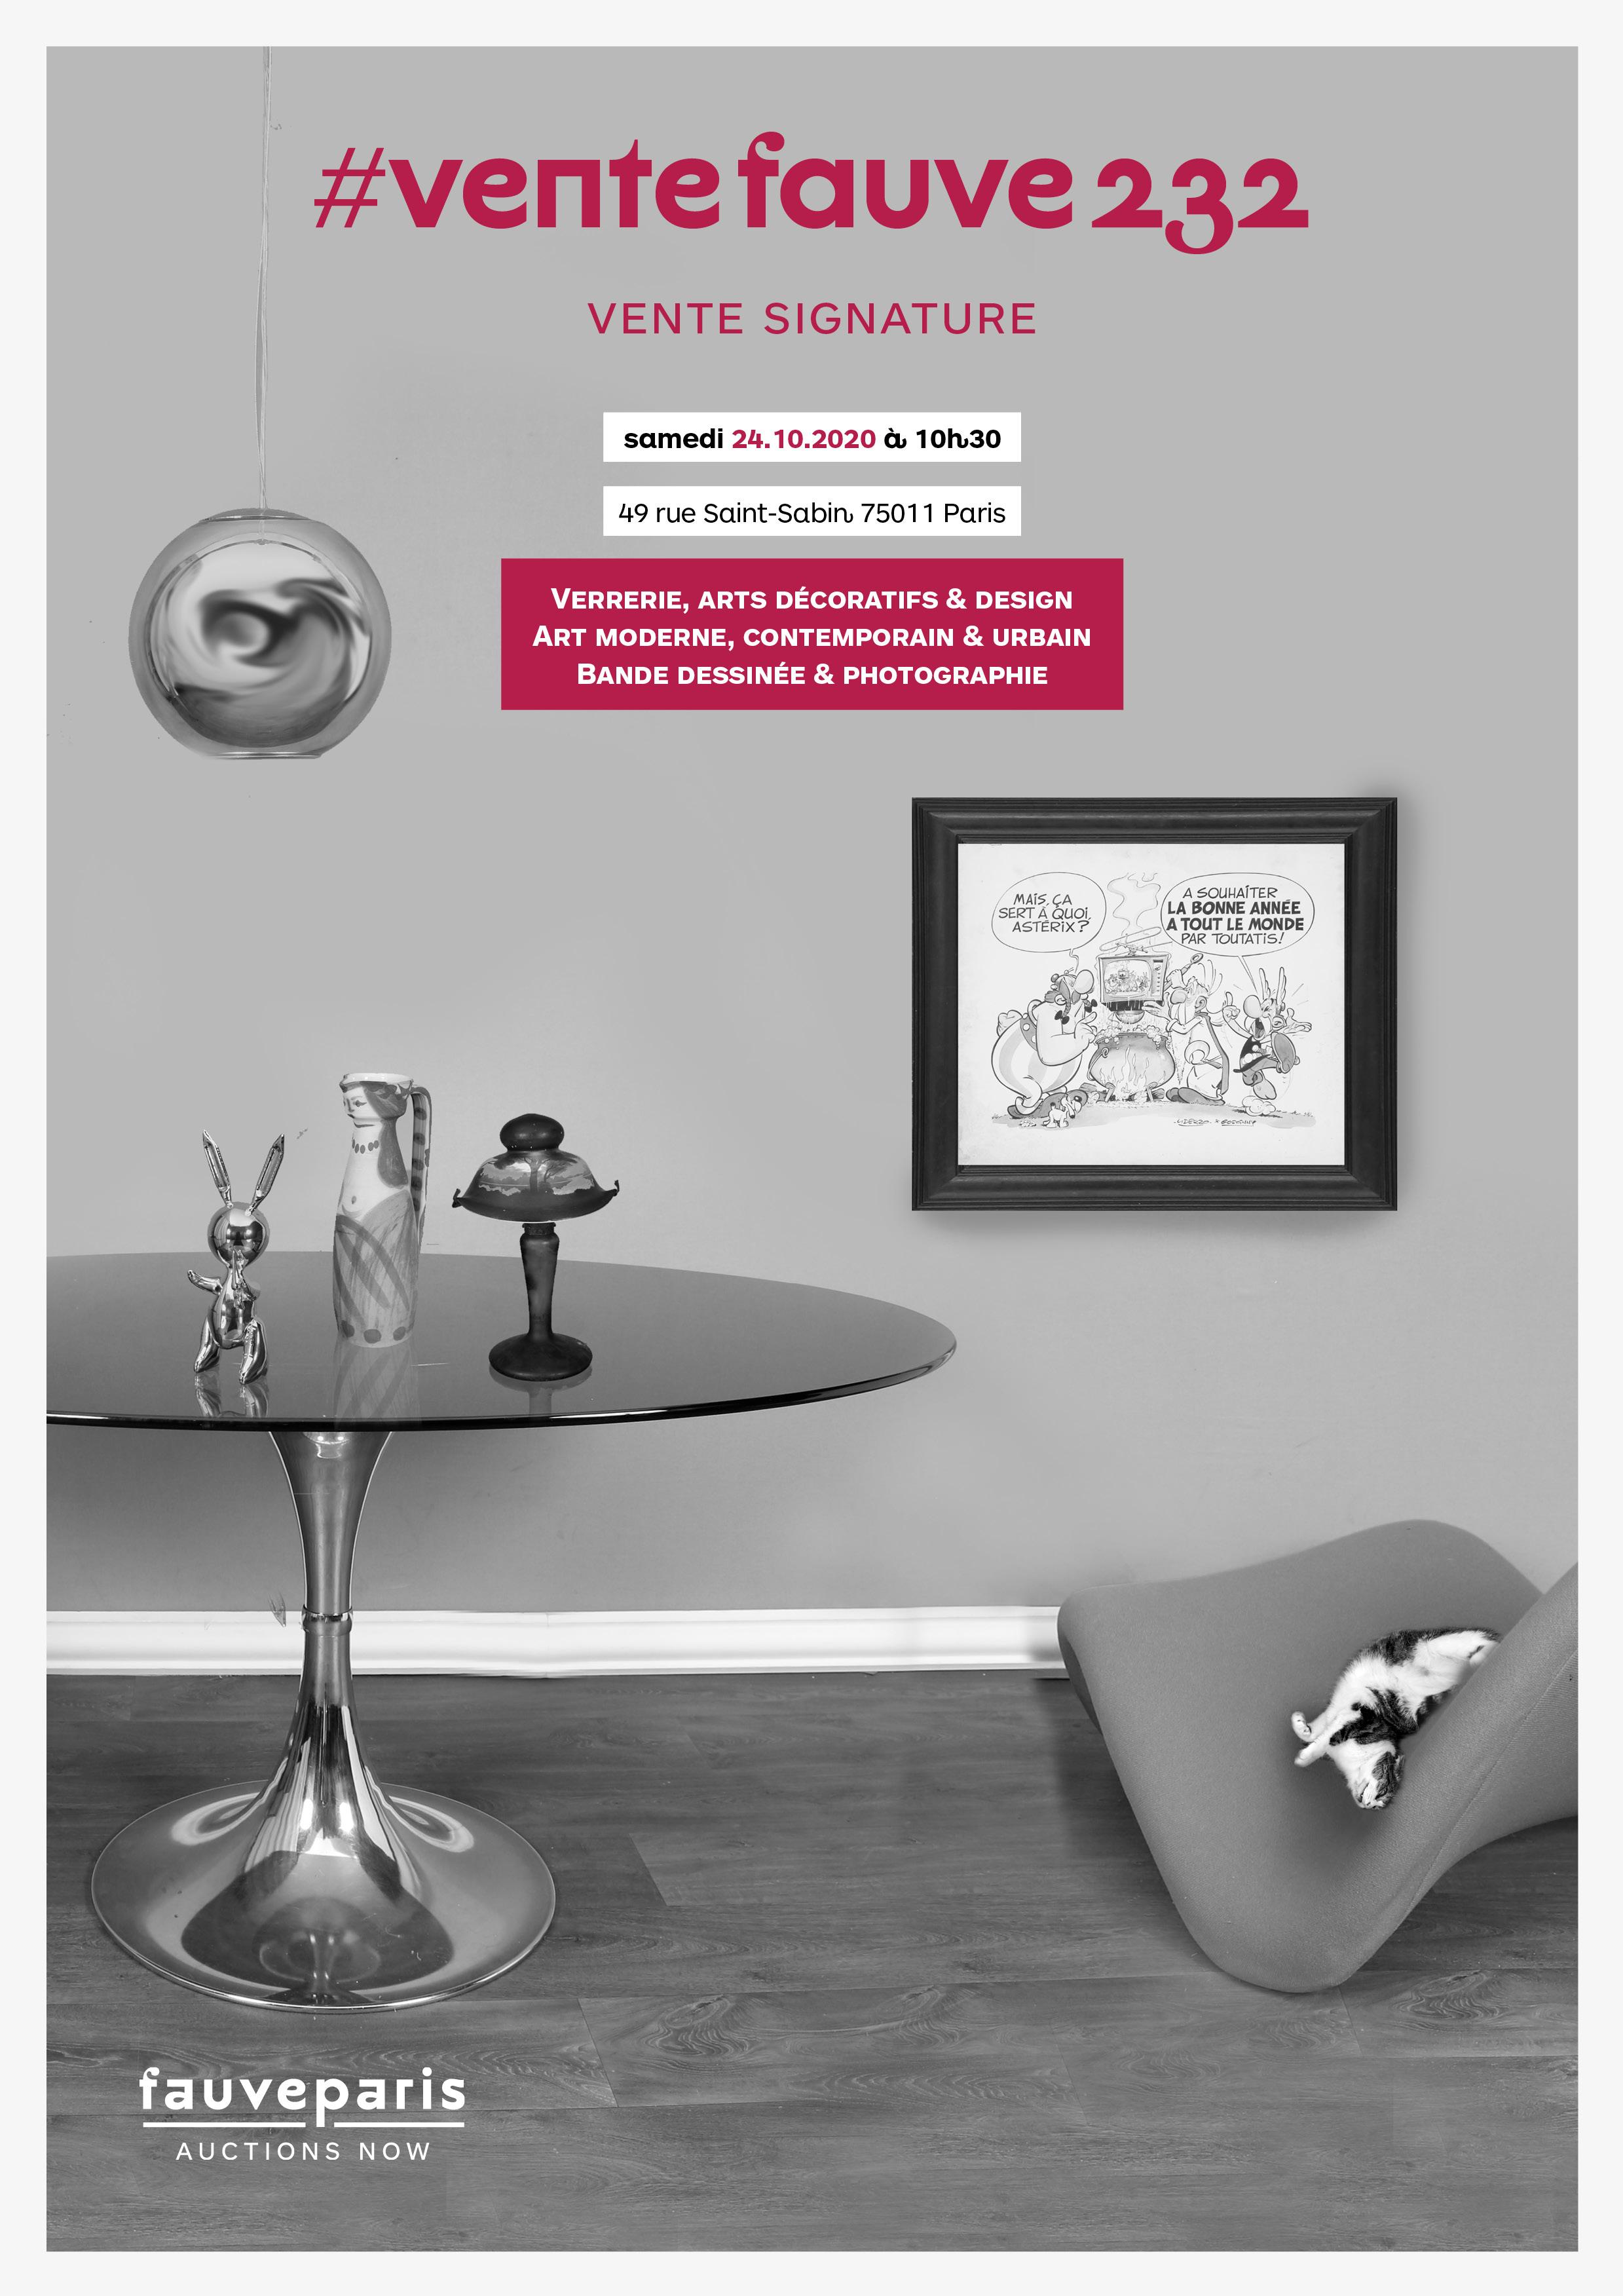 Vente #Ventefauve232 : Verrerie, Arts Décoratifs & Design, Art moderne, contemporain & urbain, Bande Dessinée & Photographie chez FauveParis : 115 lots